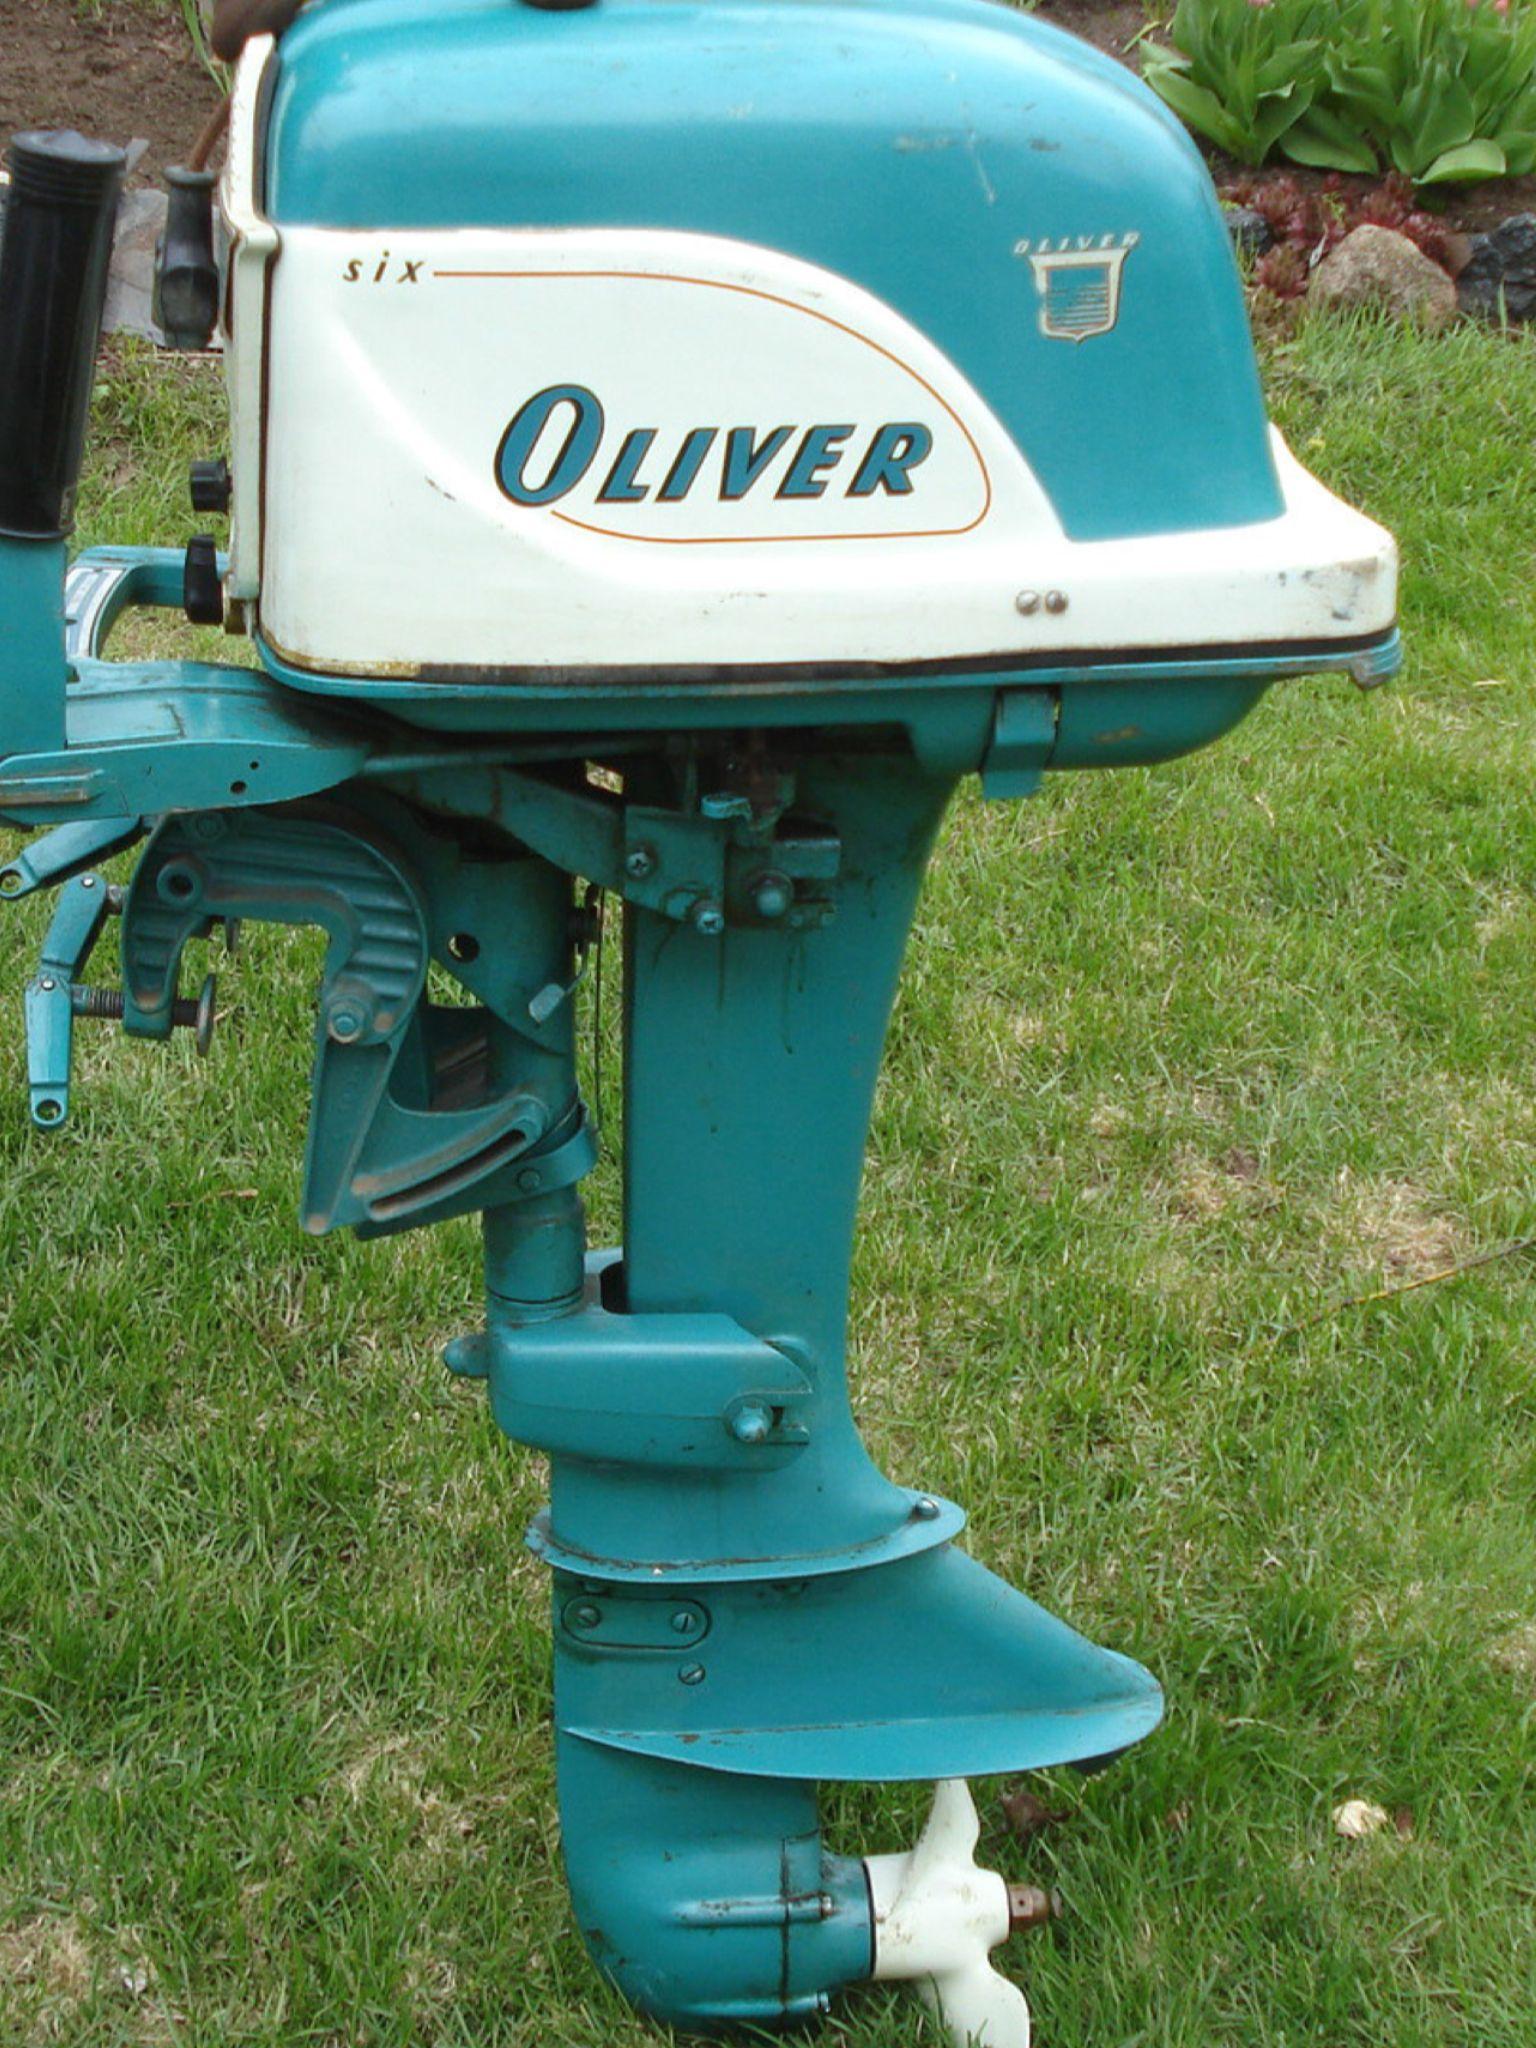 Oliver outboard motor Outboards Pinterest